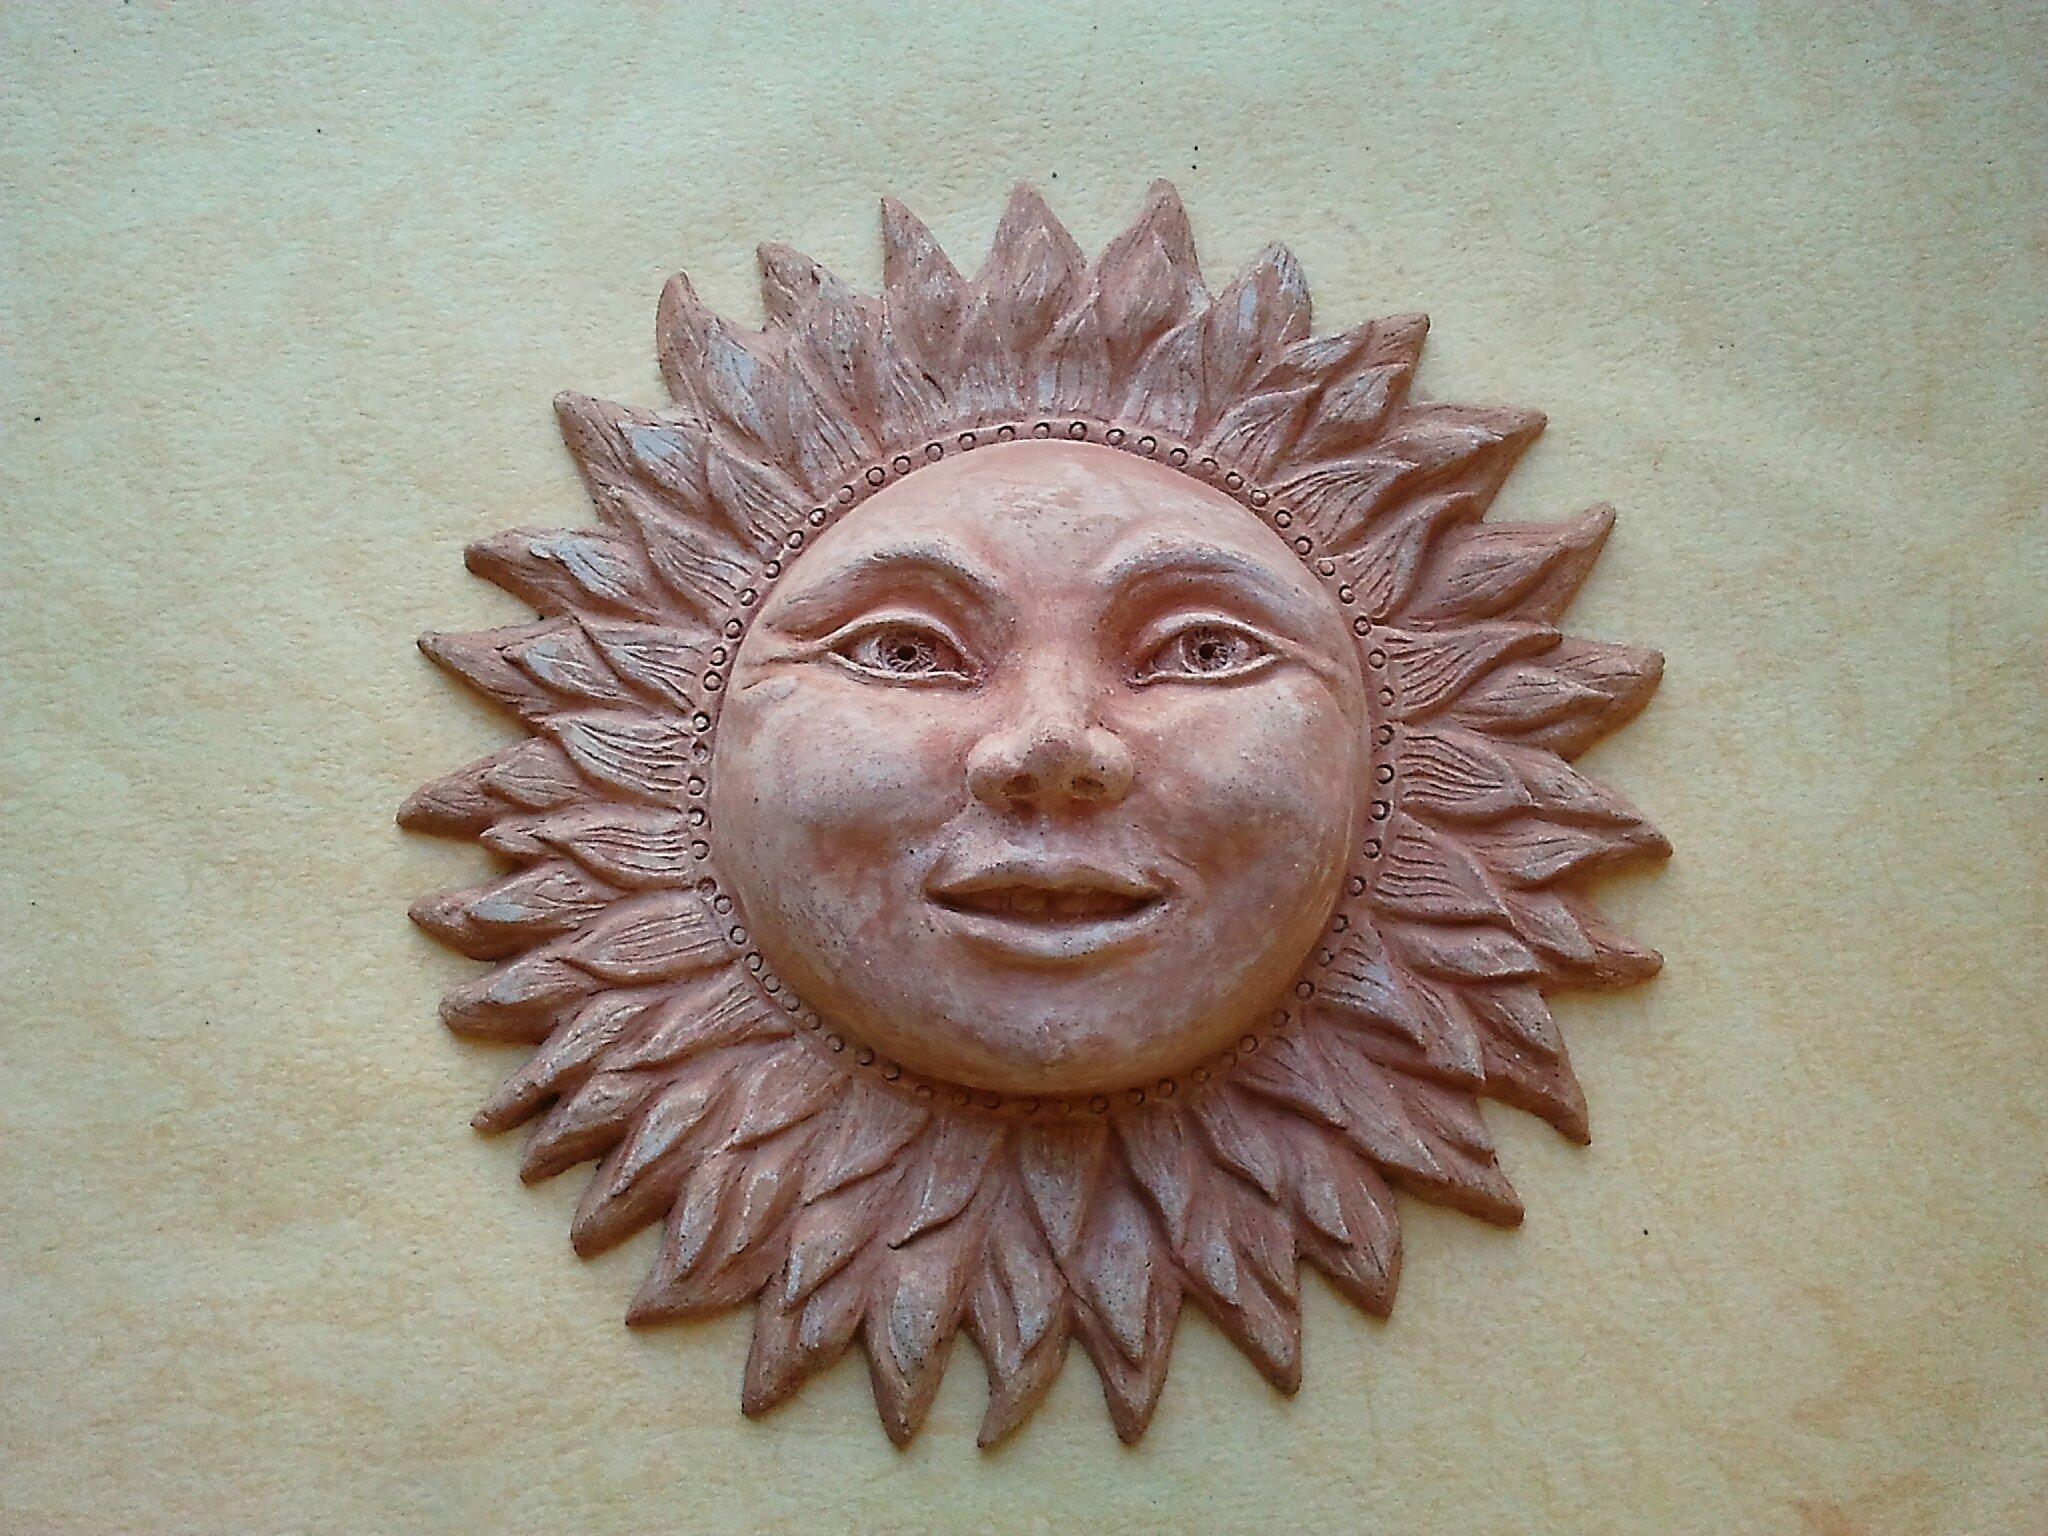 C'est l'histoire d'un soleil...